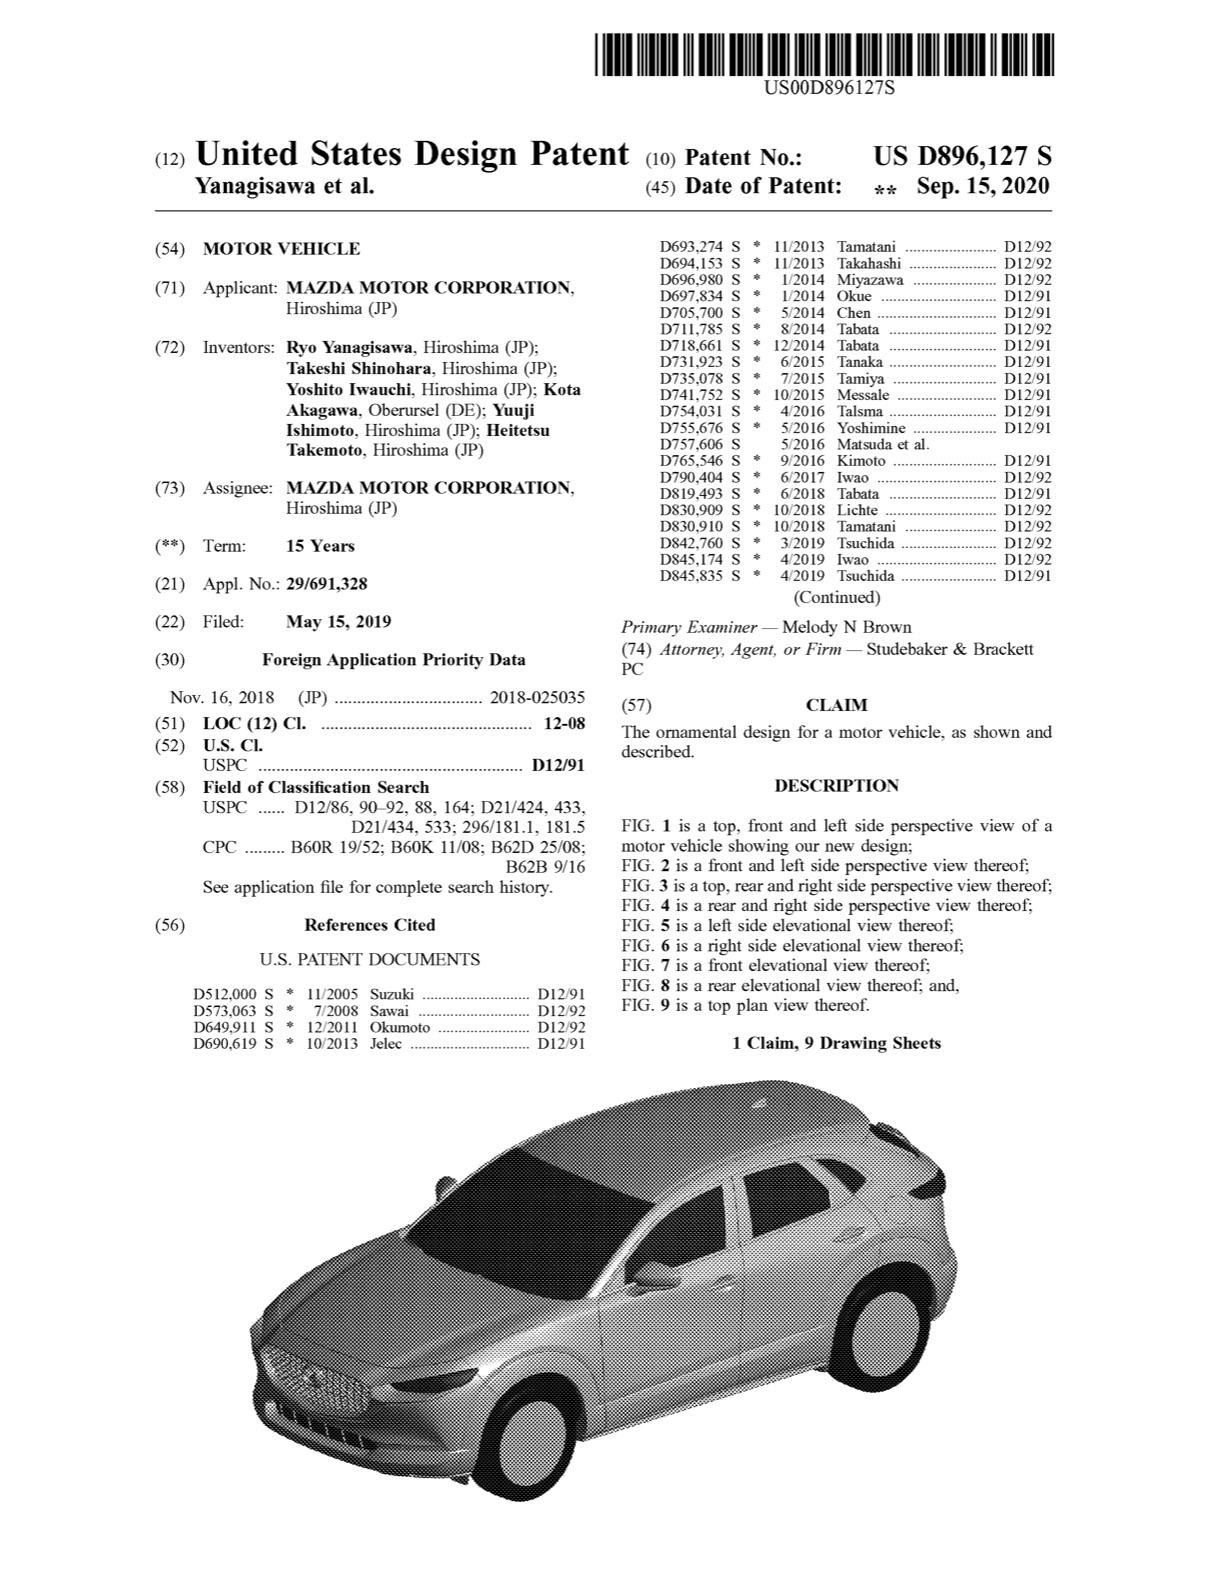 マツダ、米国でCX-30のエクステリアデザインを意匠登録